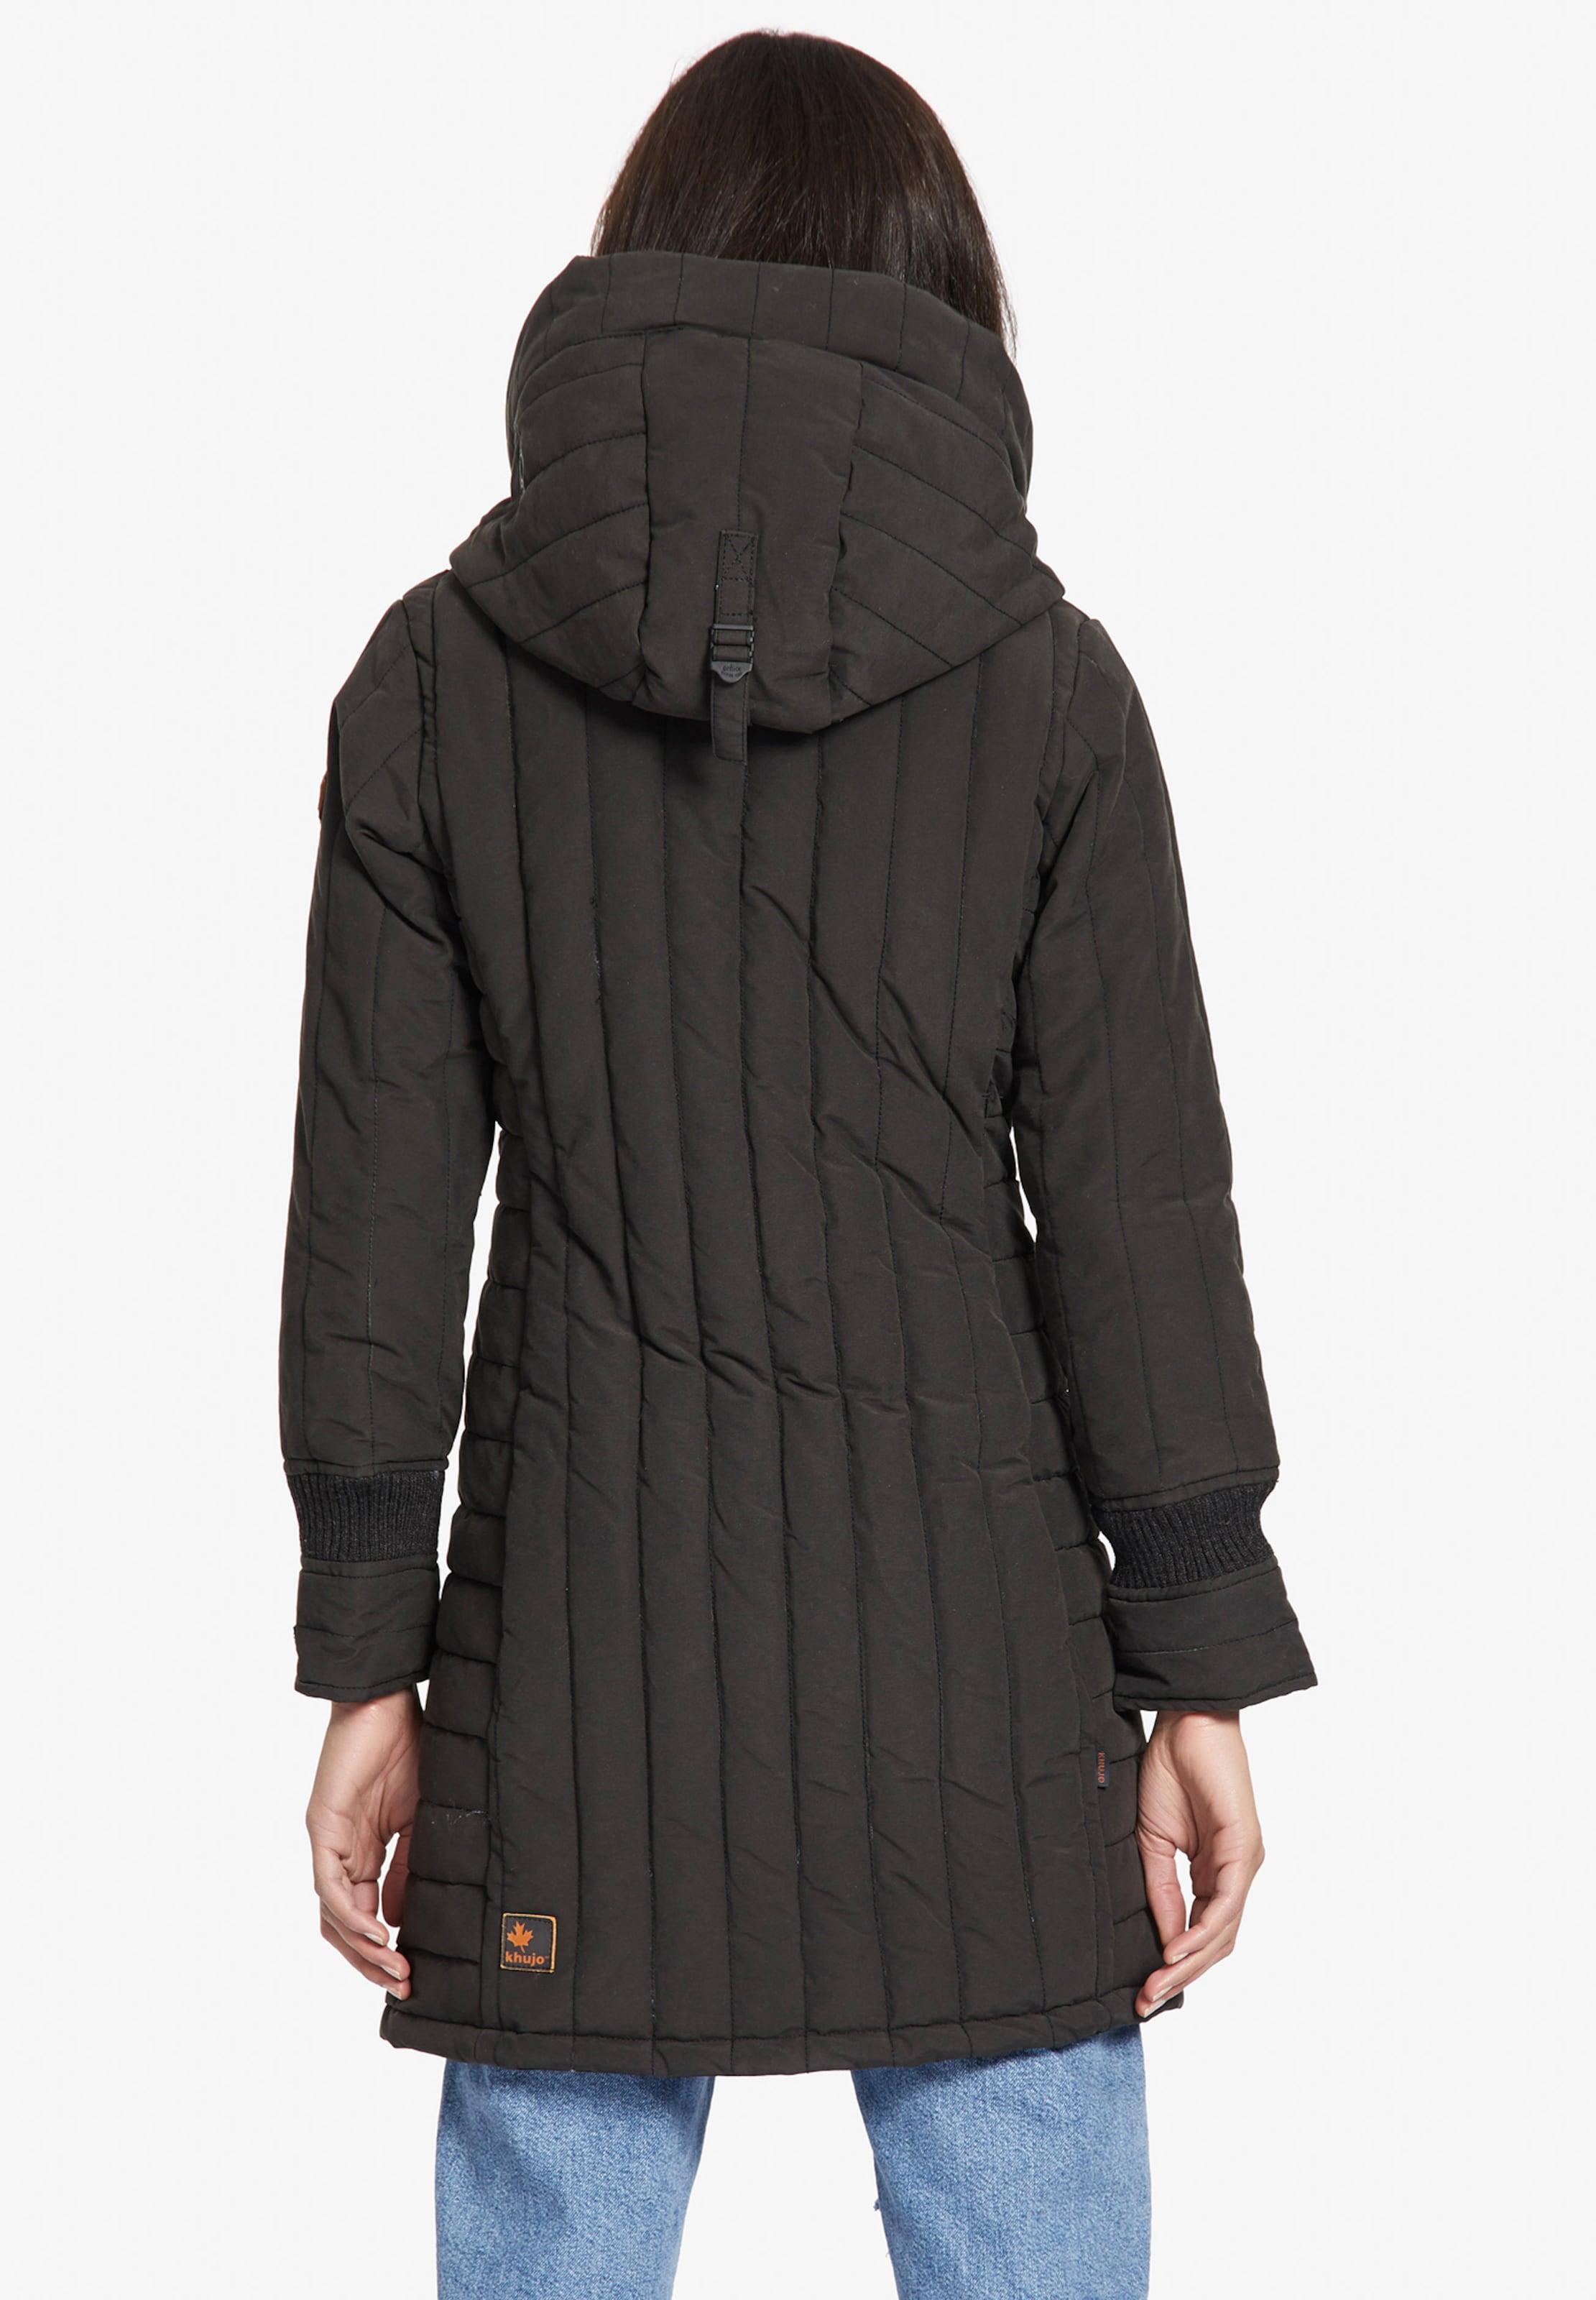 D'hiver Noir 'jerry En Manteau Khujo Prime2' 2IWHED9